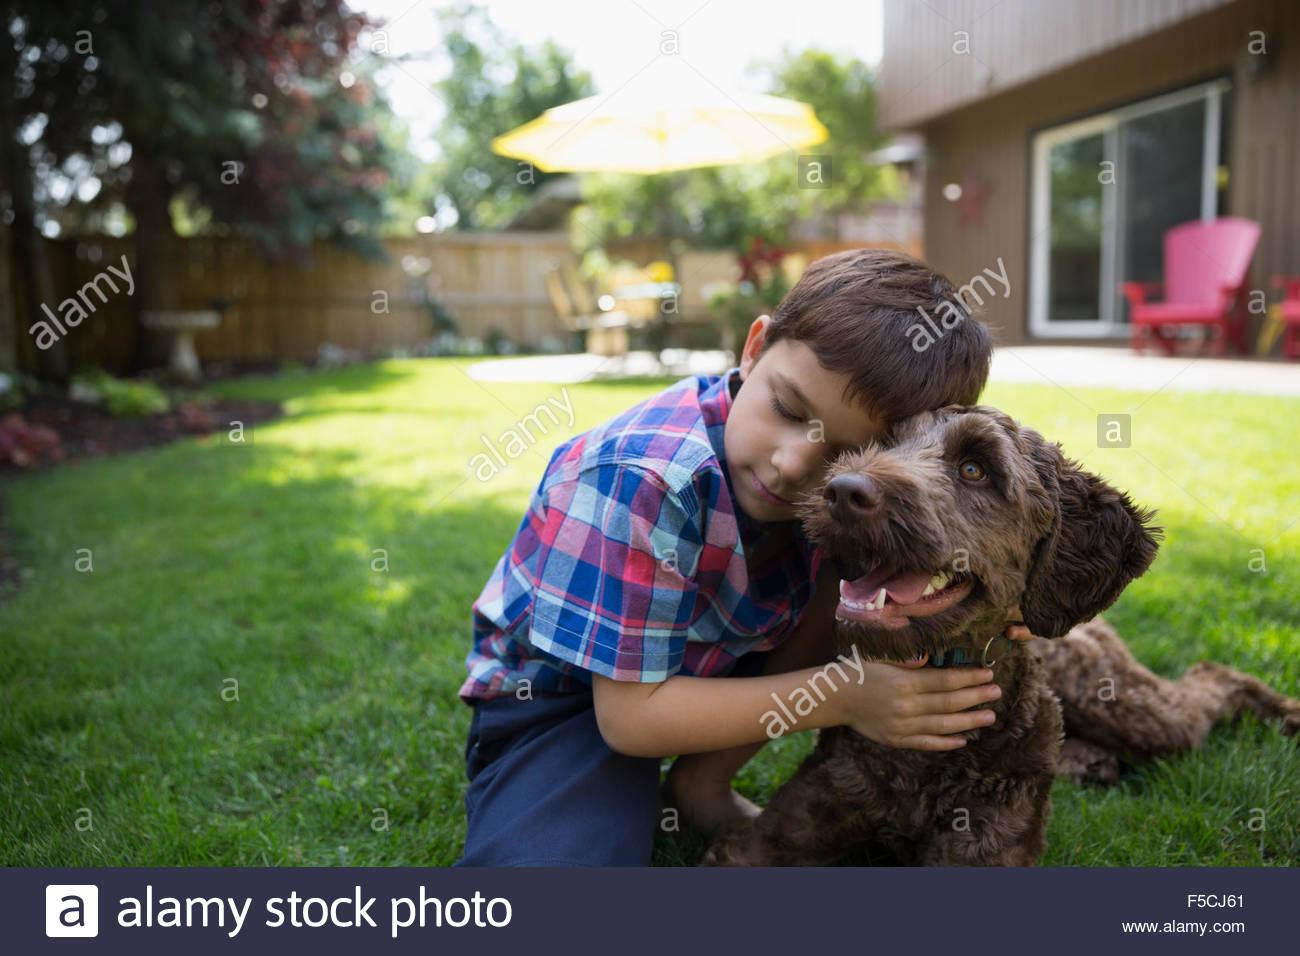 Liebevolle junge umarmt Hund auf Wiese Stockbild